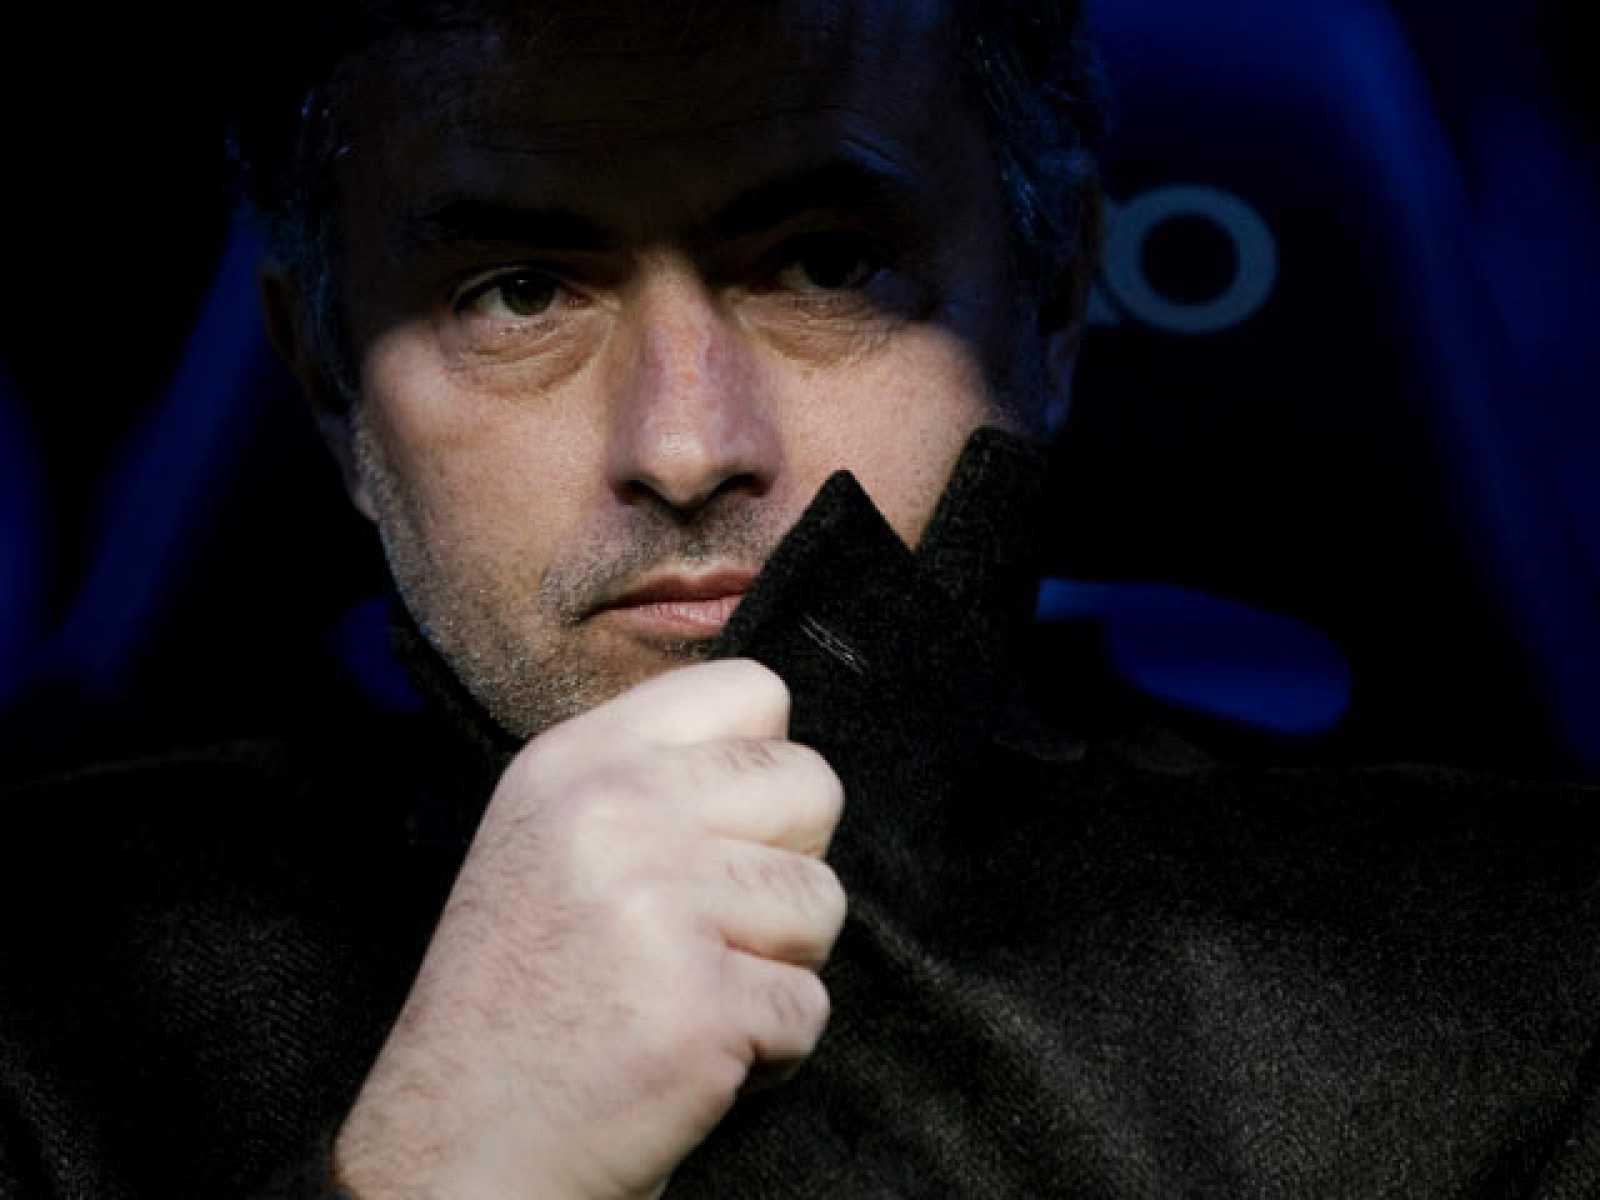 El entrenador del Real Madrid, José Mourinho, ha criticado a su directiva y le ha pedido que defienda al equipo.